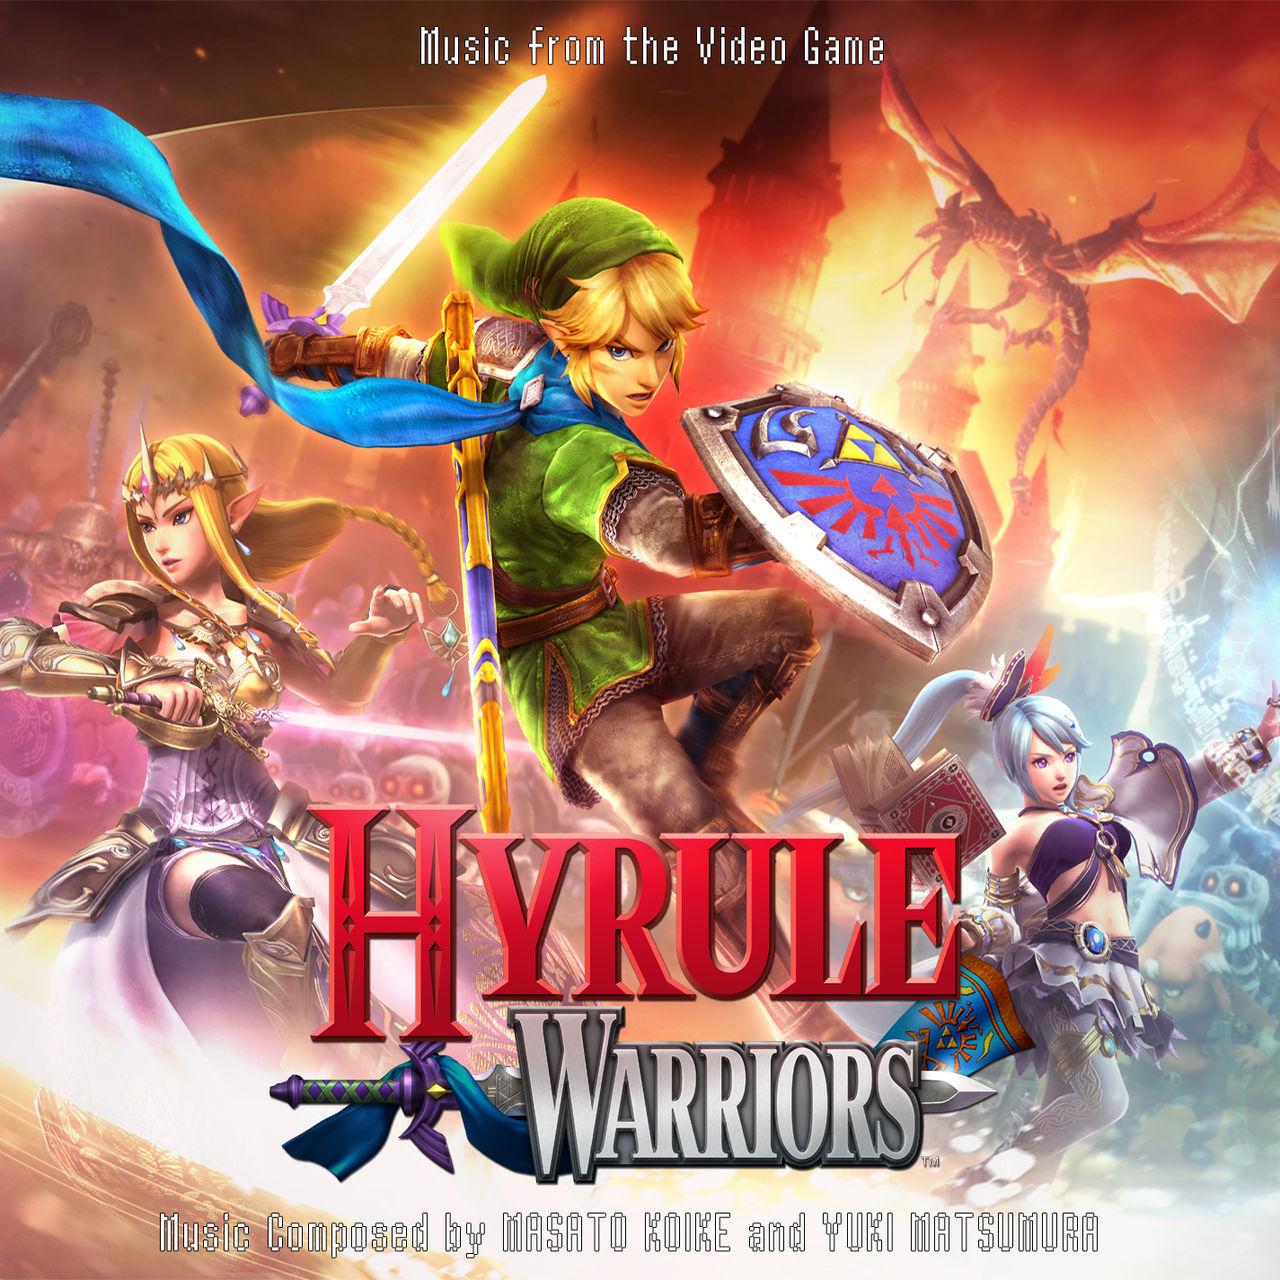 Hyrule Warriors Soundtrack Mp3 Download Hyrule Warriors Soundtrack Soundtracks For Free